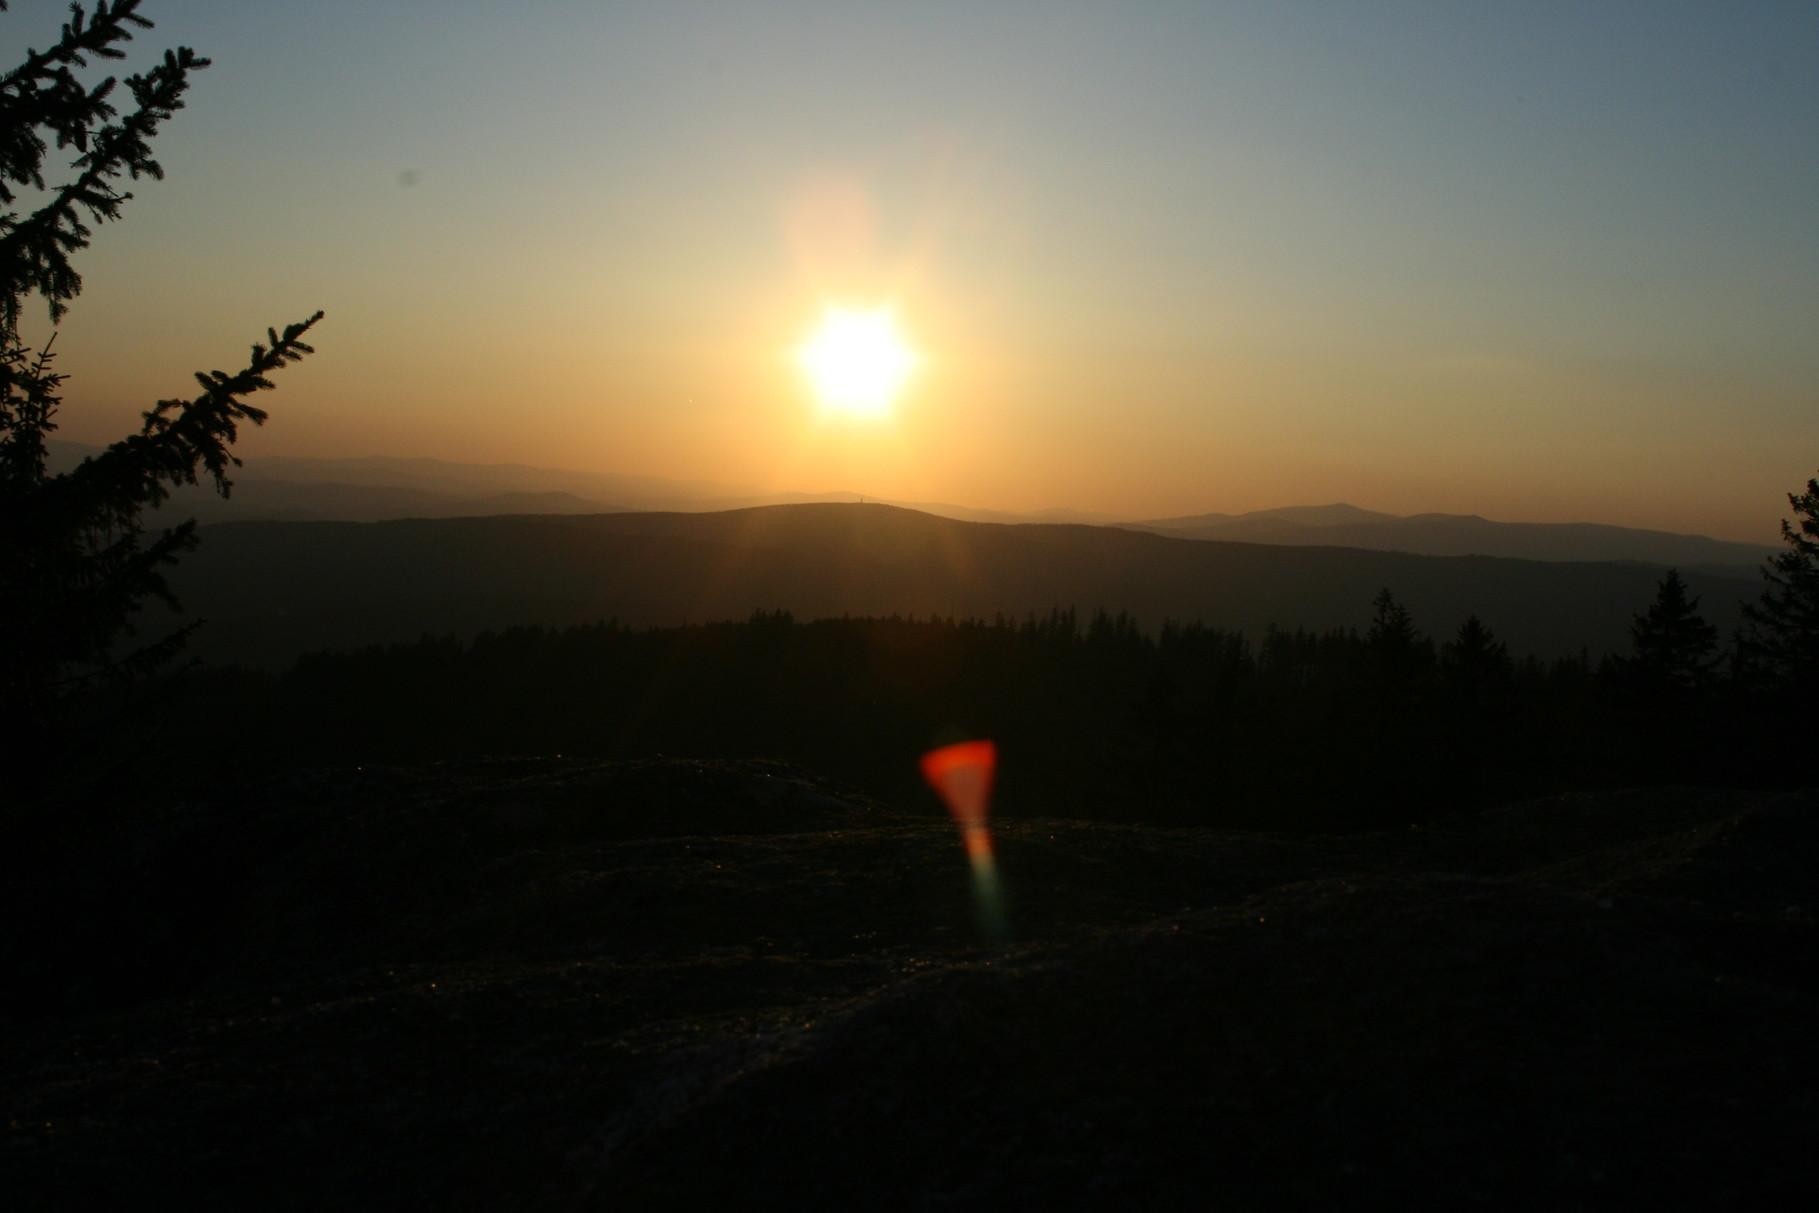 Sonnenuntergang vom Dreisesselberg